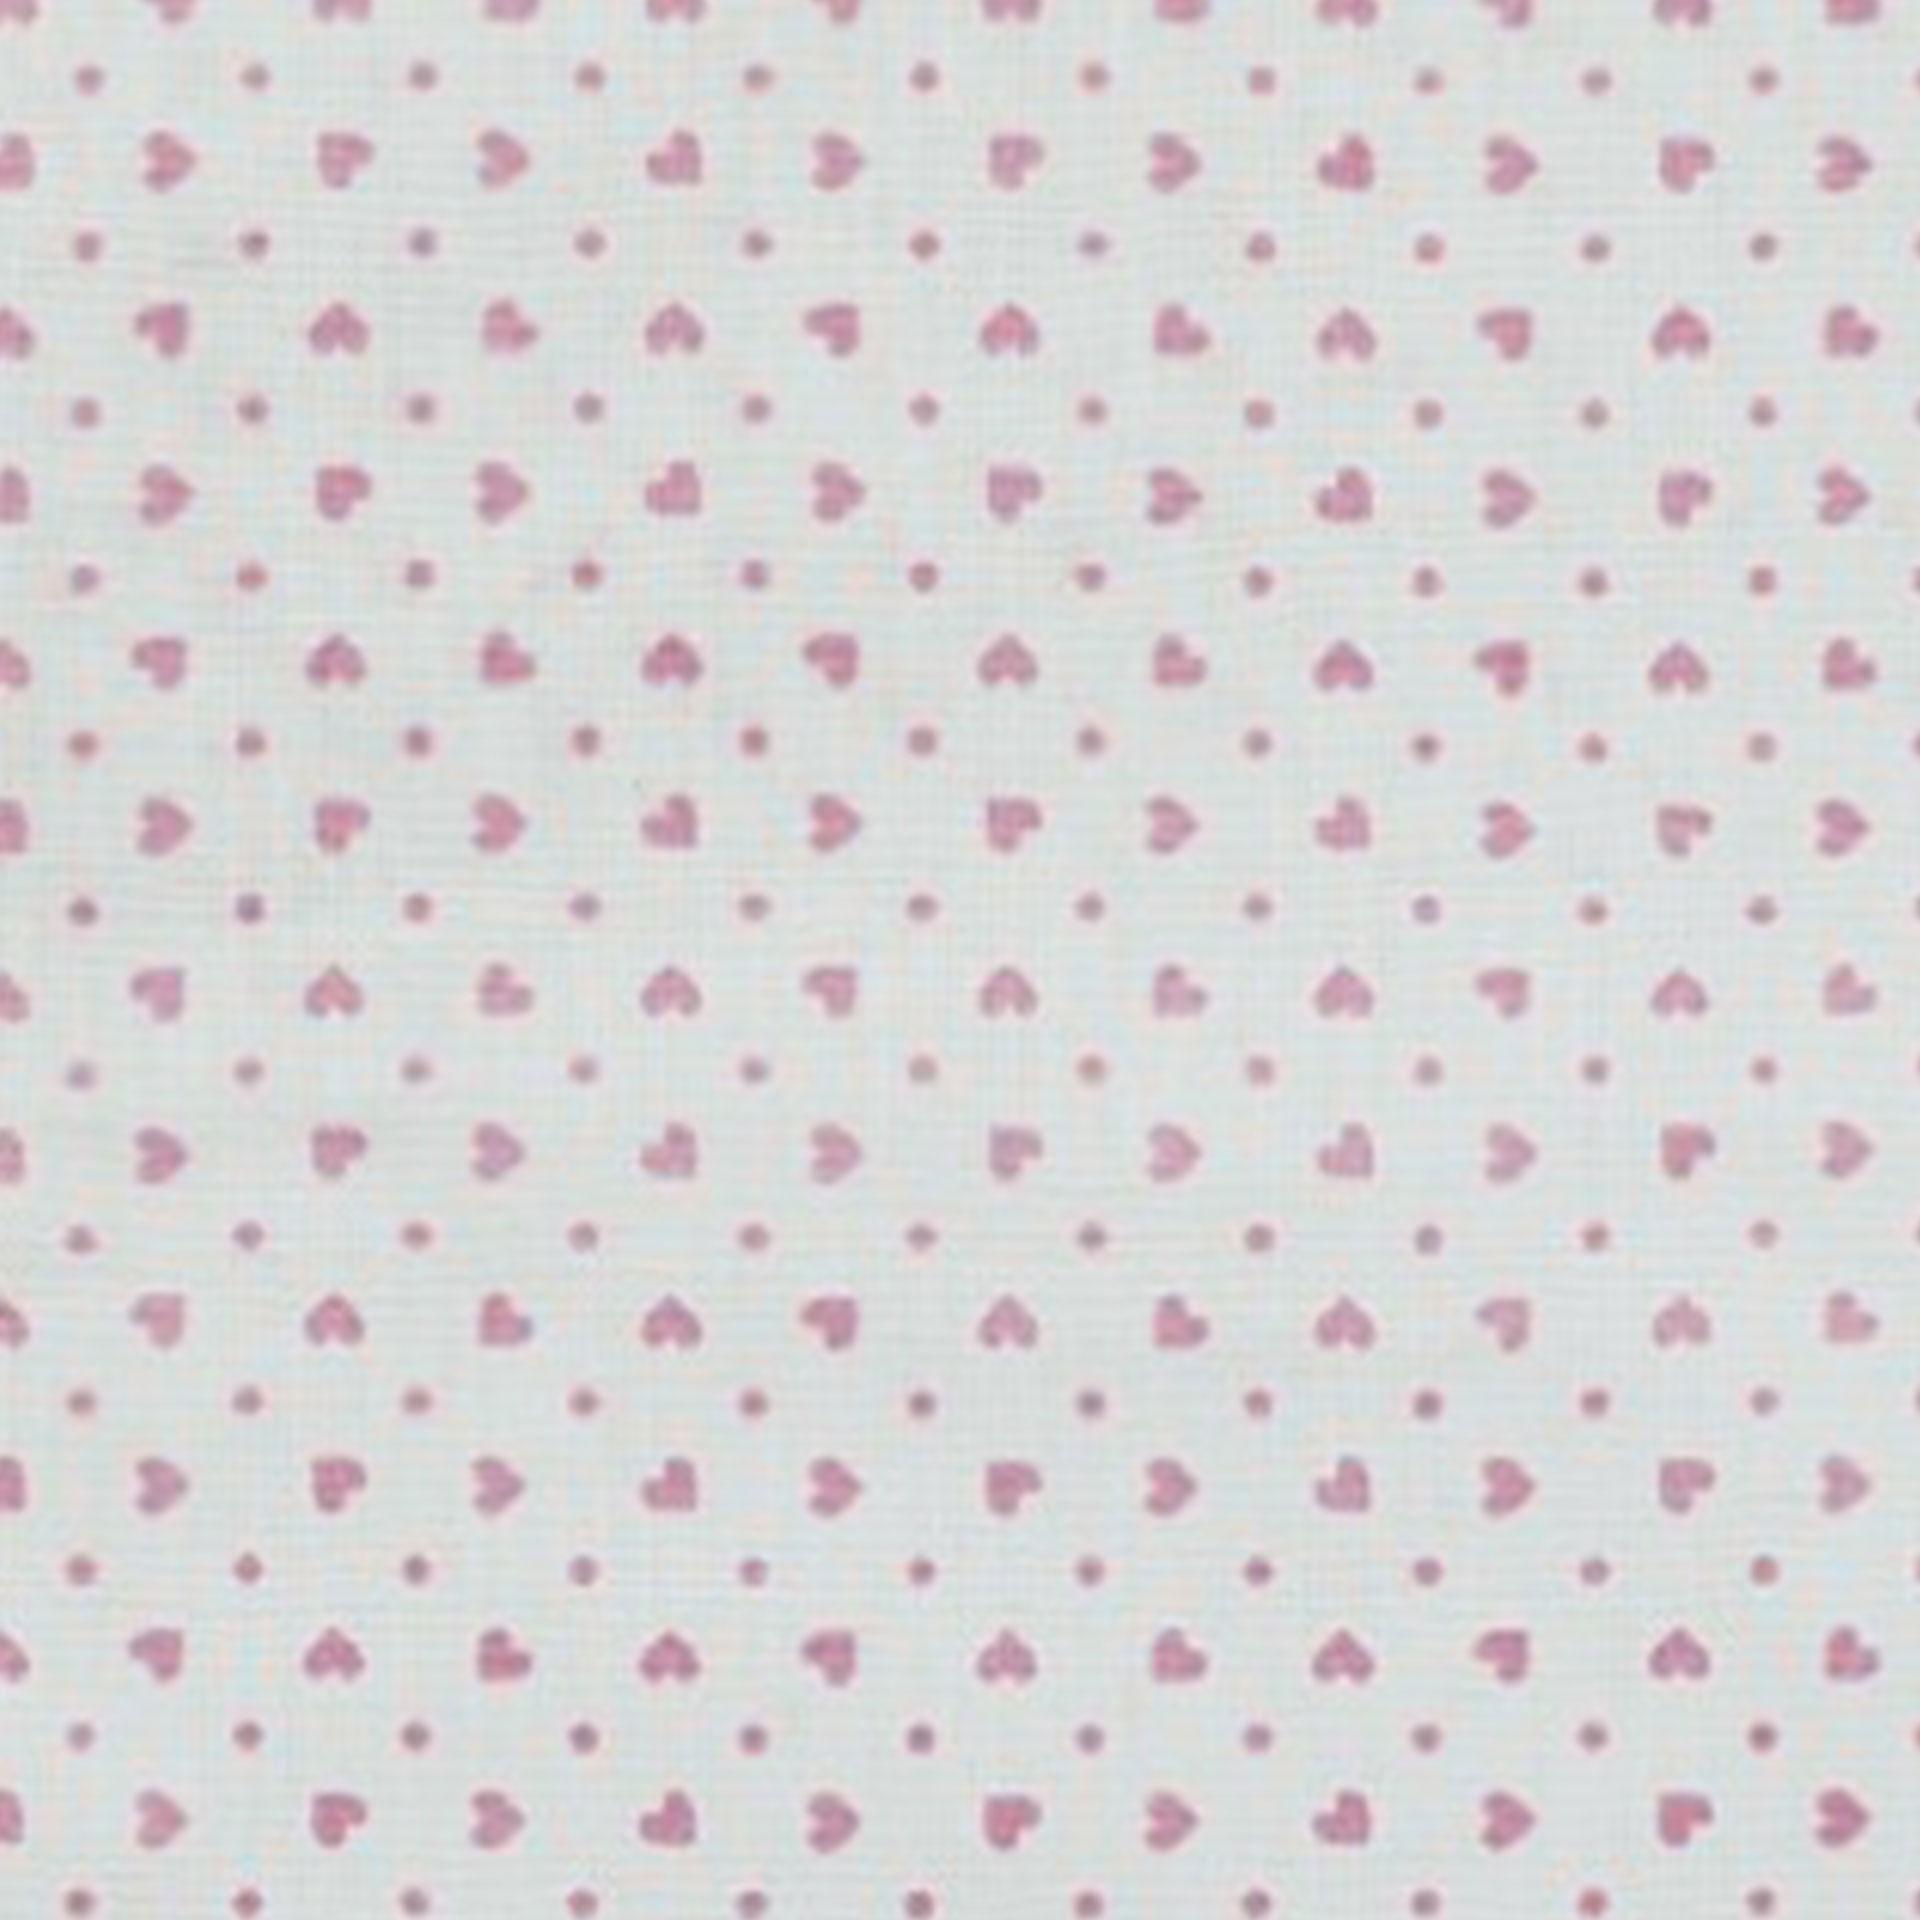 Tessuto Cotone con Cuoricini e Pois Colorati